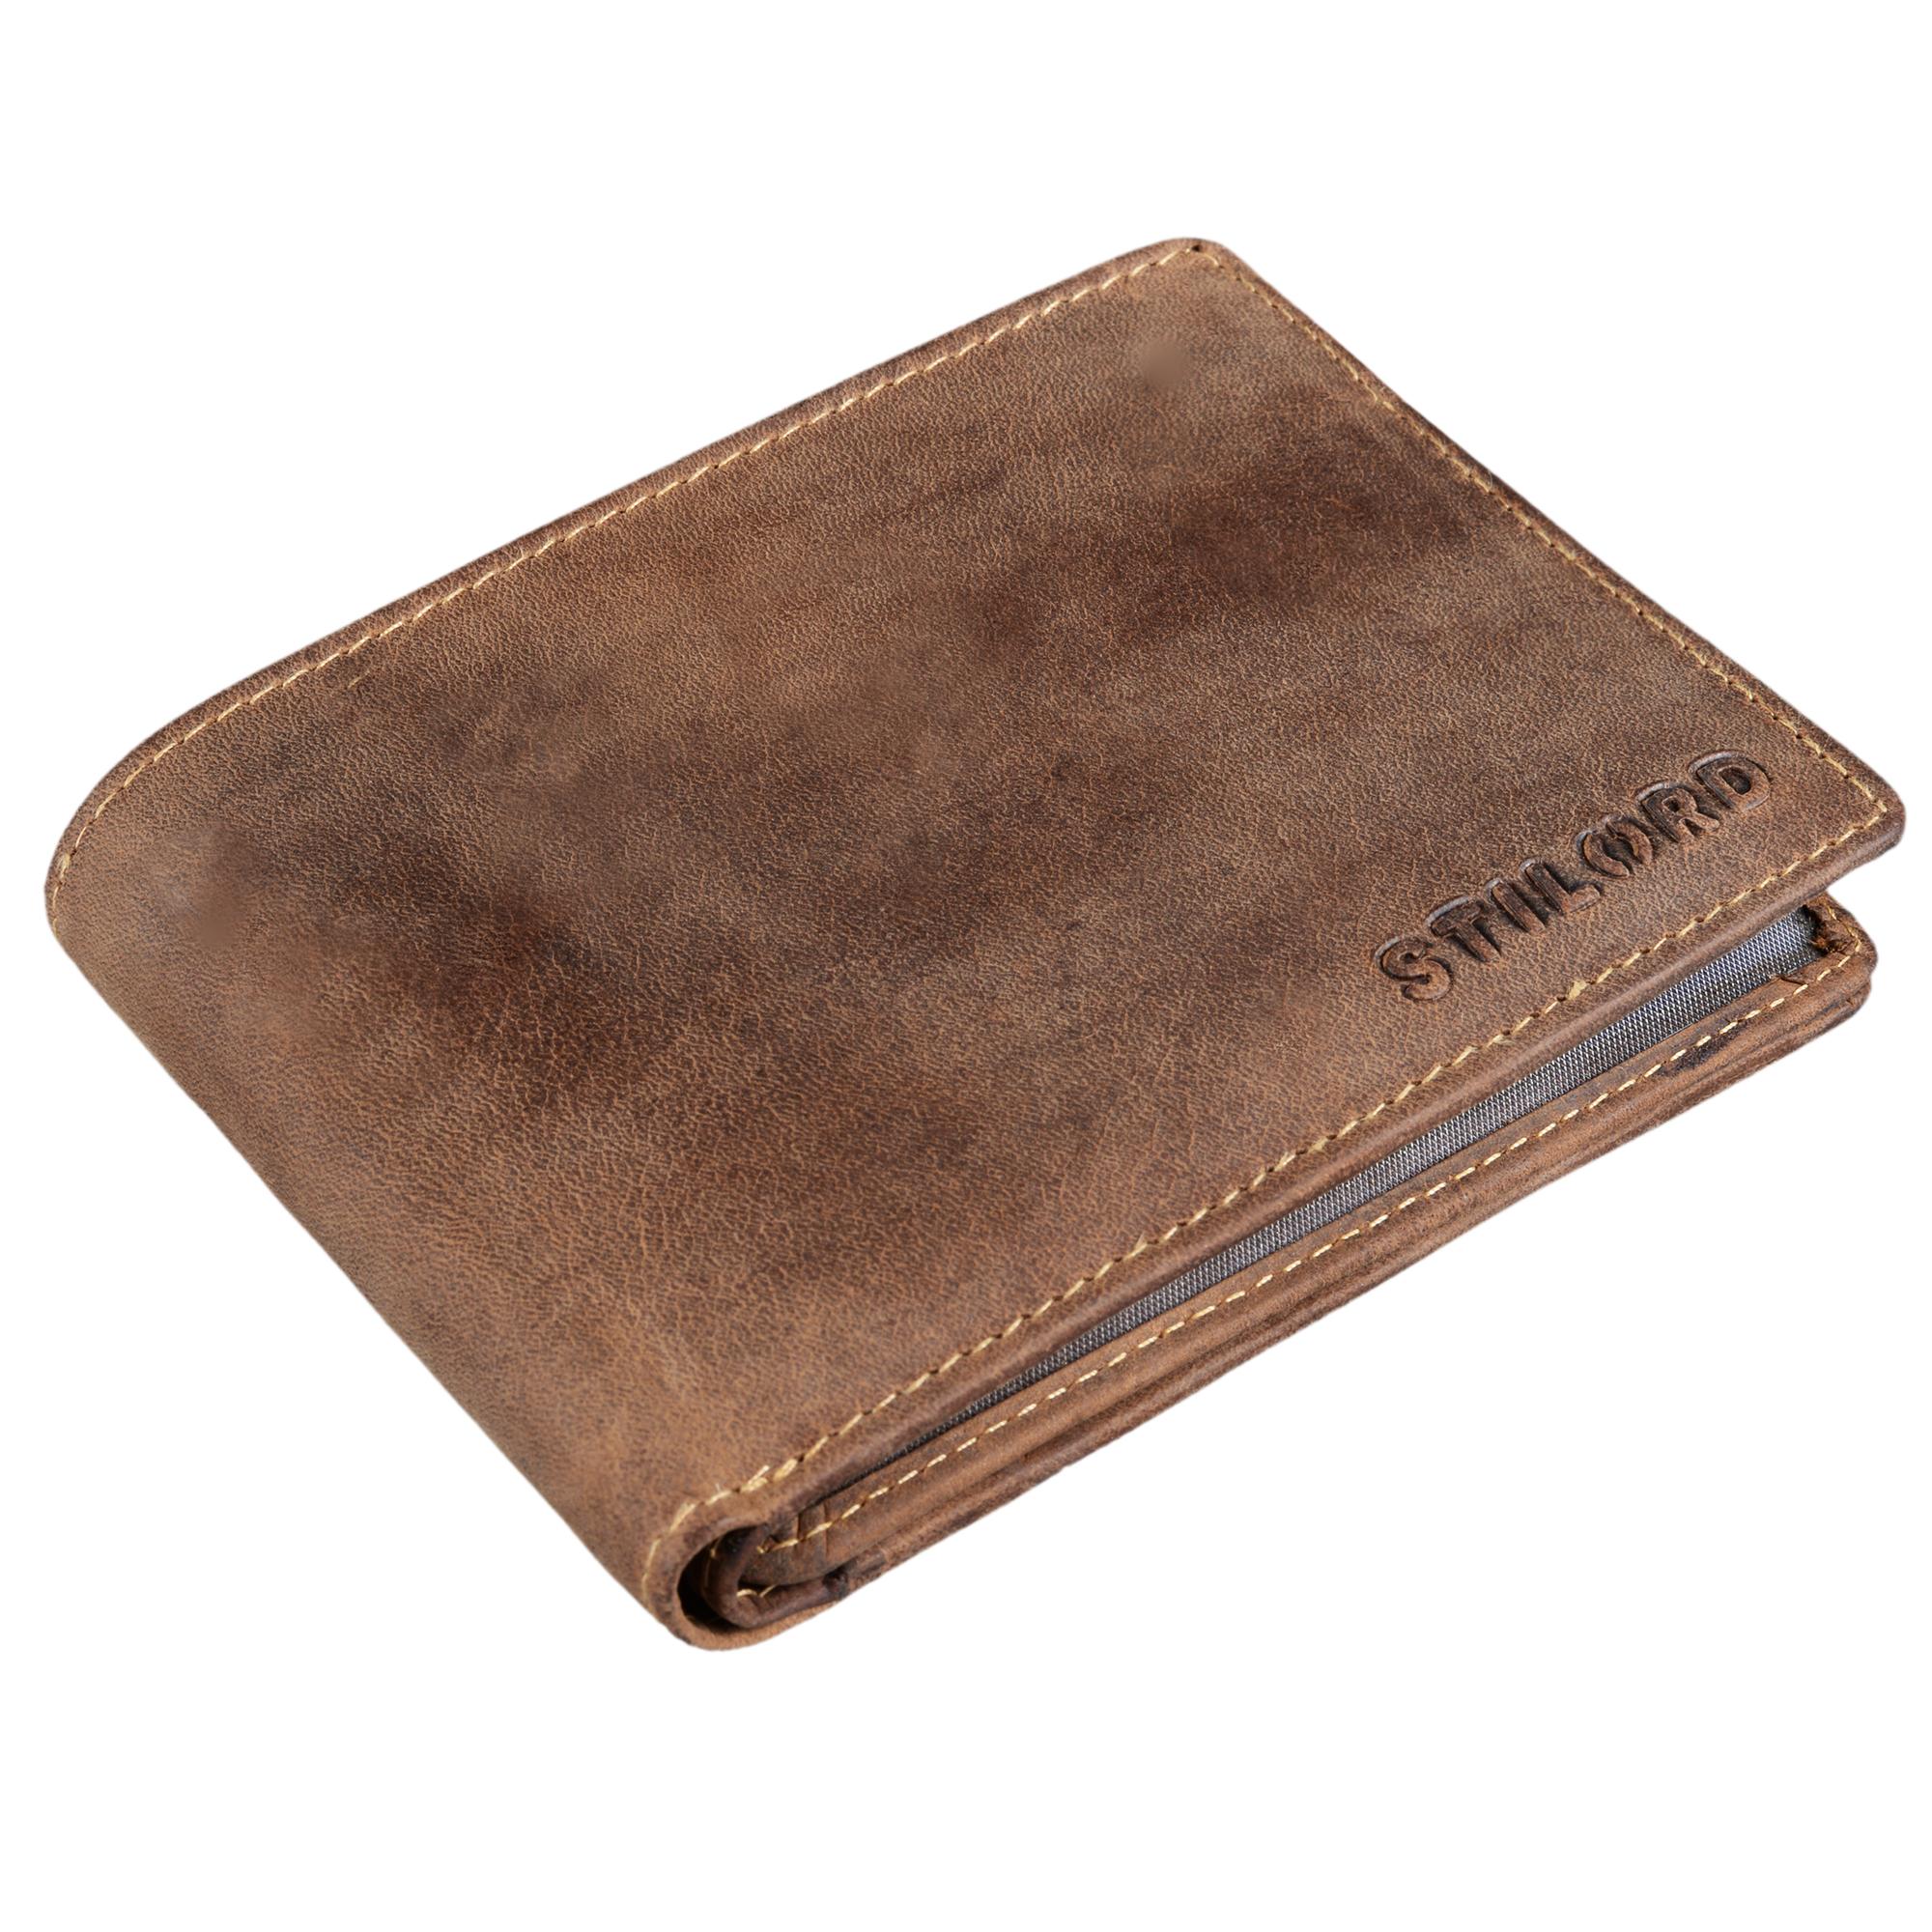 """STILORD """"Ethan"""" Vintage Leder Geldbörse Herren Portemonnaie Geldbeutel mit 7 EC Karten-Fächer Münzfach und Ausweisfach Brieftasche aus echtem Leder - Bild 3"""